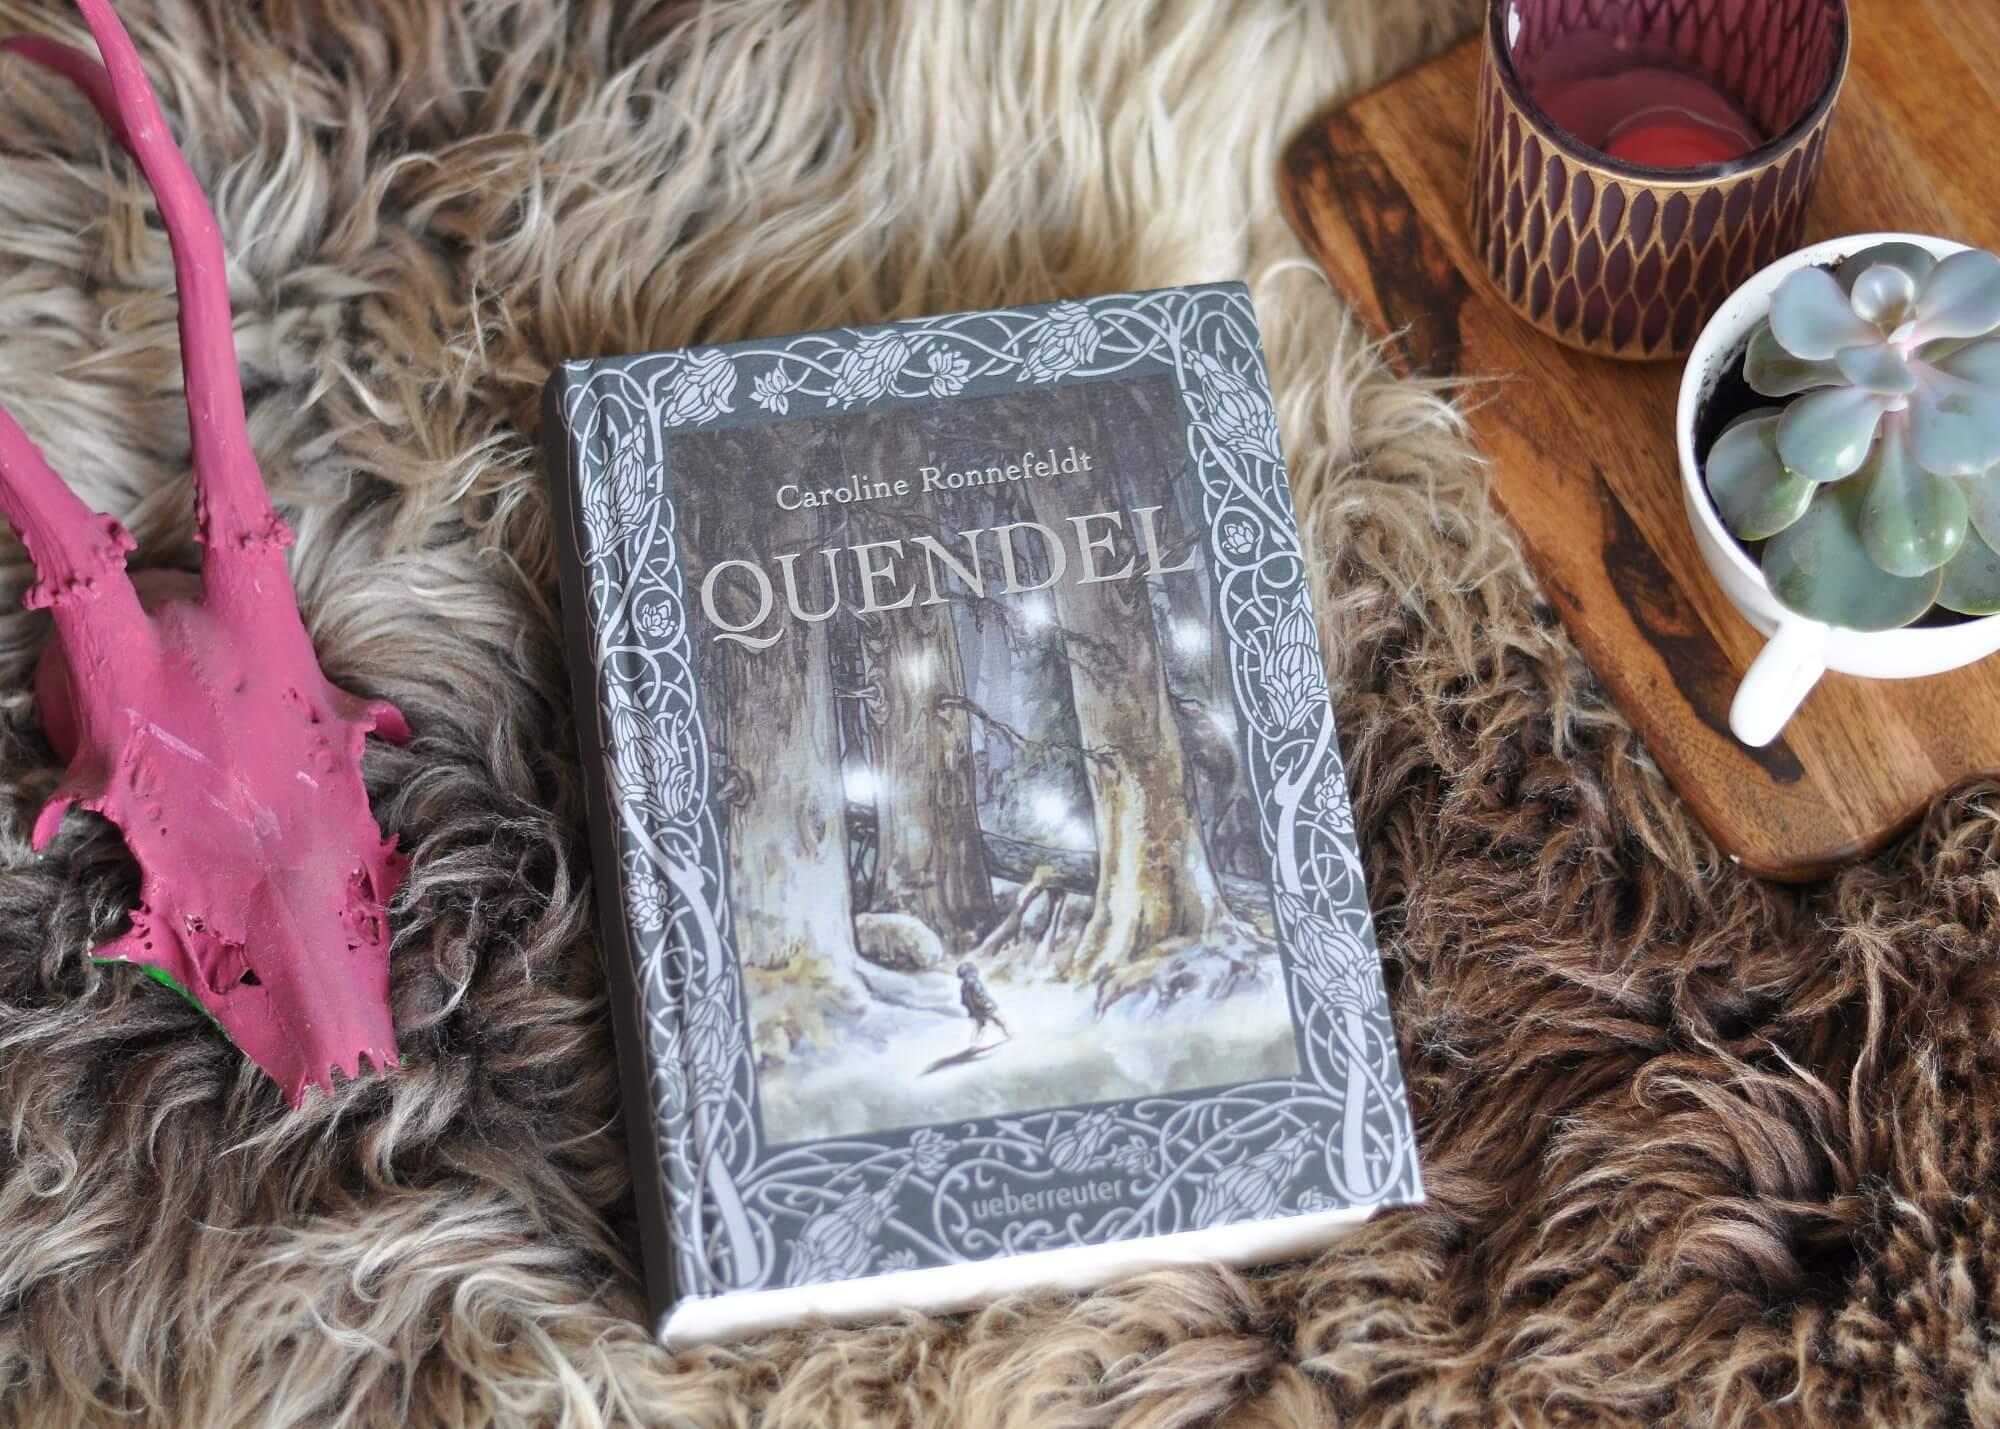 Bullrich Schattenbart, Hortensia, Odilio und sein Kater Reizker sind Quendel und leben freidlich im Hügelland rund um den Wald Finster. Als Bullrich eines Abends nicht heimkommt ist klar: Im Finster braut sich eine neblige Suppe voller Mahre, Wölfe, Raben, Schattenwesen und etwas unheimlich Bösem zusammen. #fantasy #tolkien #hobbit #quendel #buch #lesen #schauer #märchen #grusel #poesie